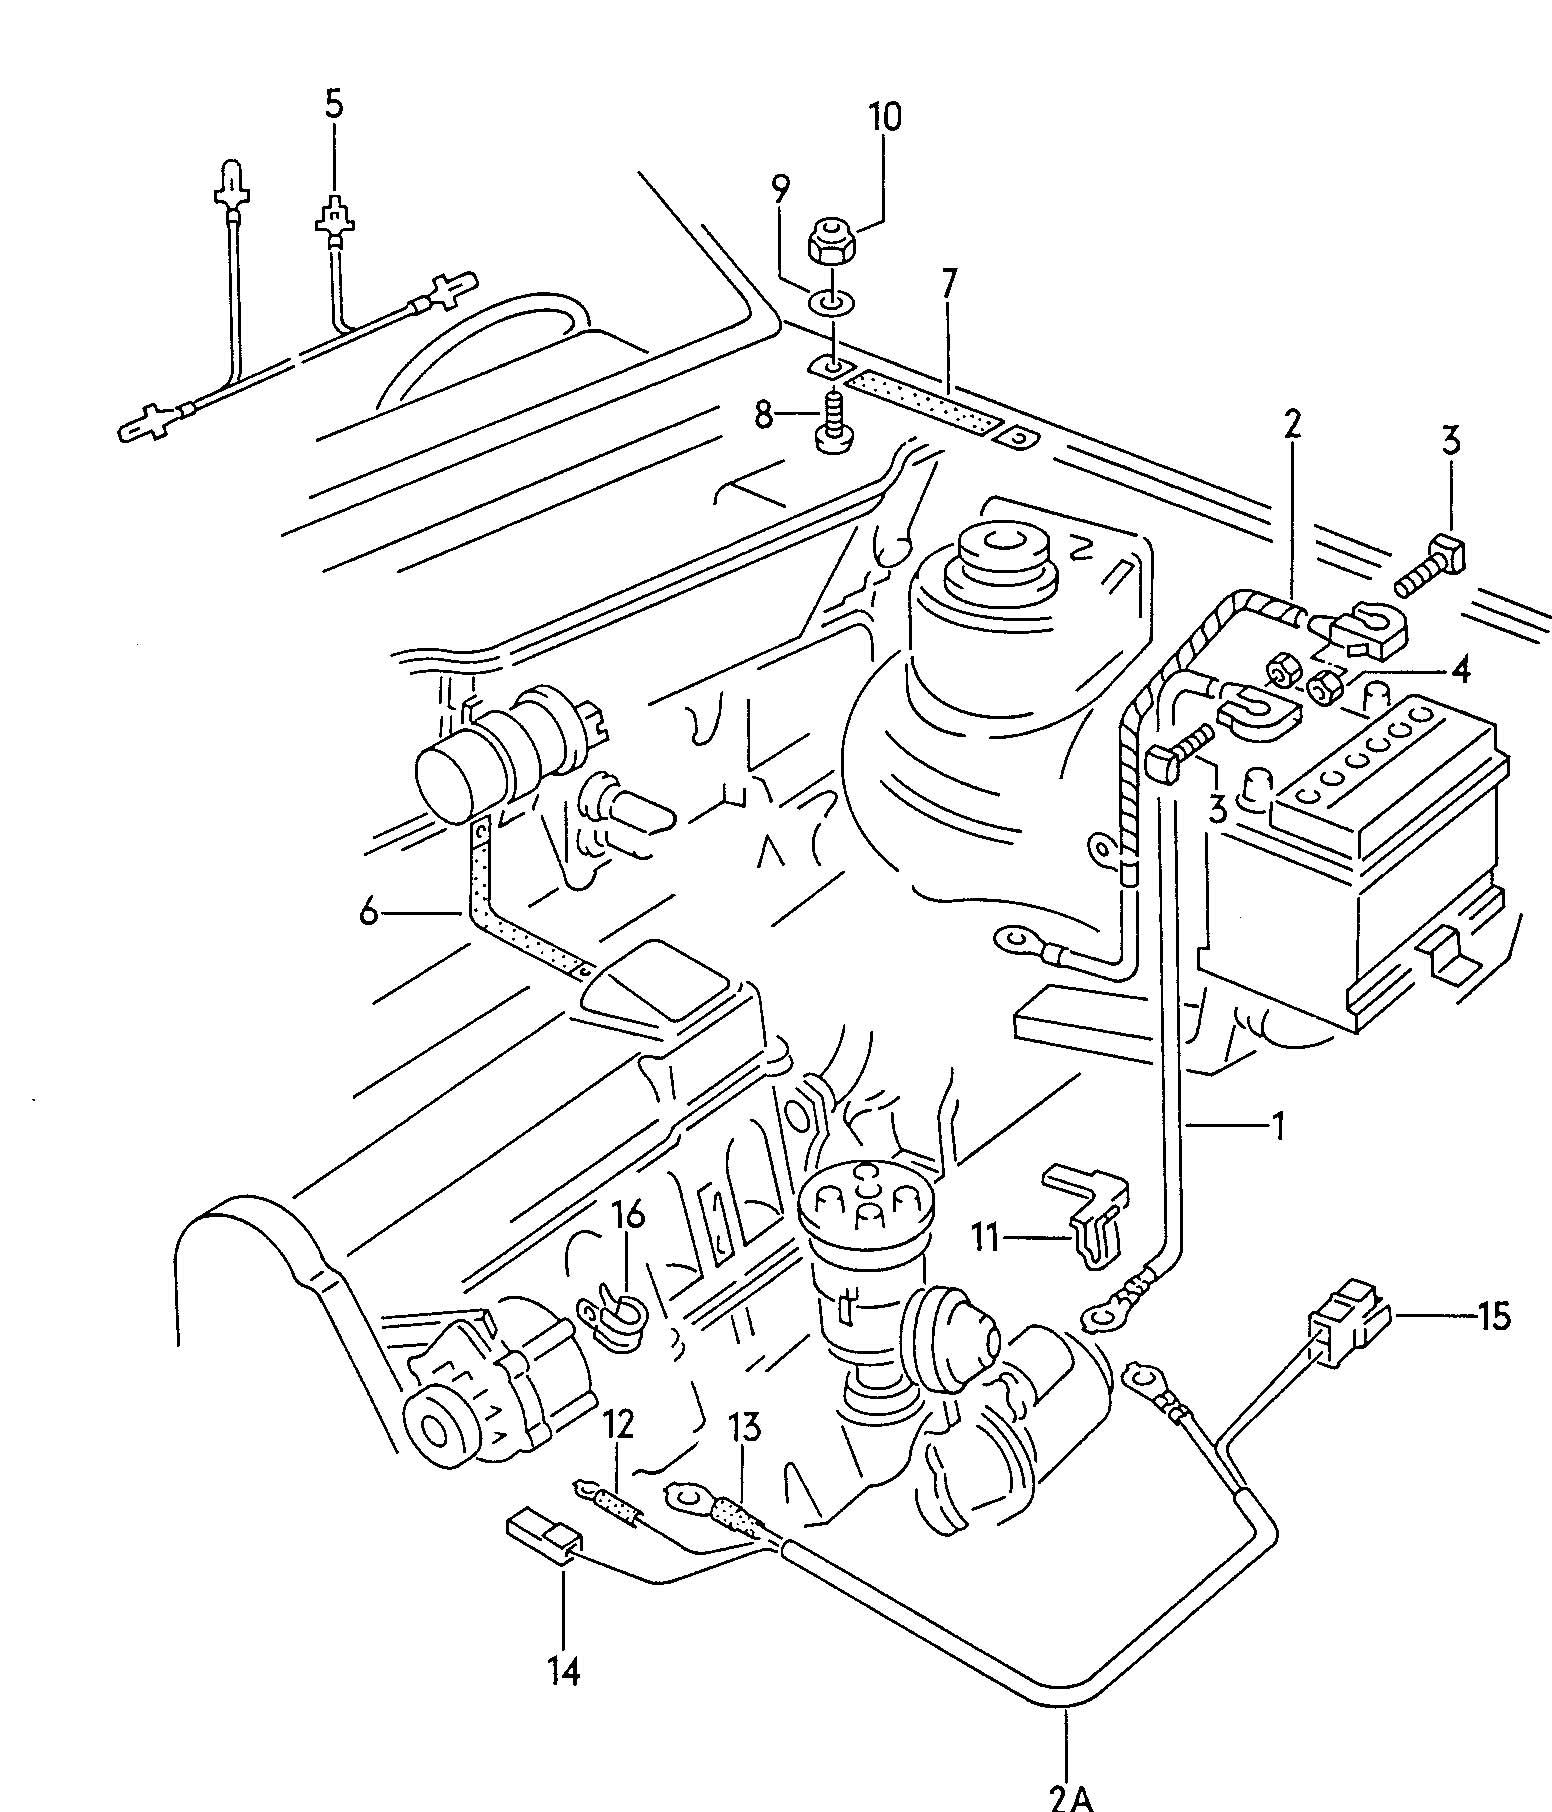 2016 vw jetta tdi wiring diagram wiring diagrams and schematics golf 1 wiring diagram zen